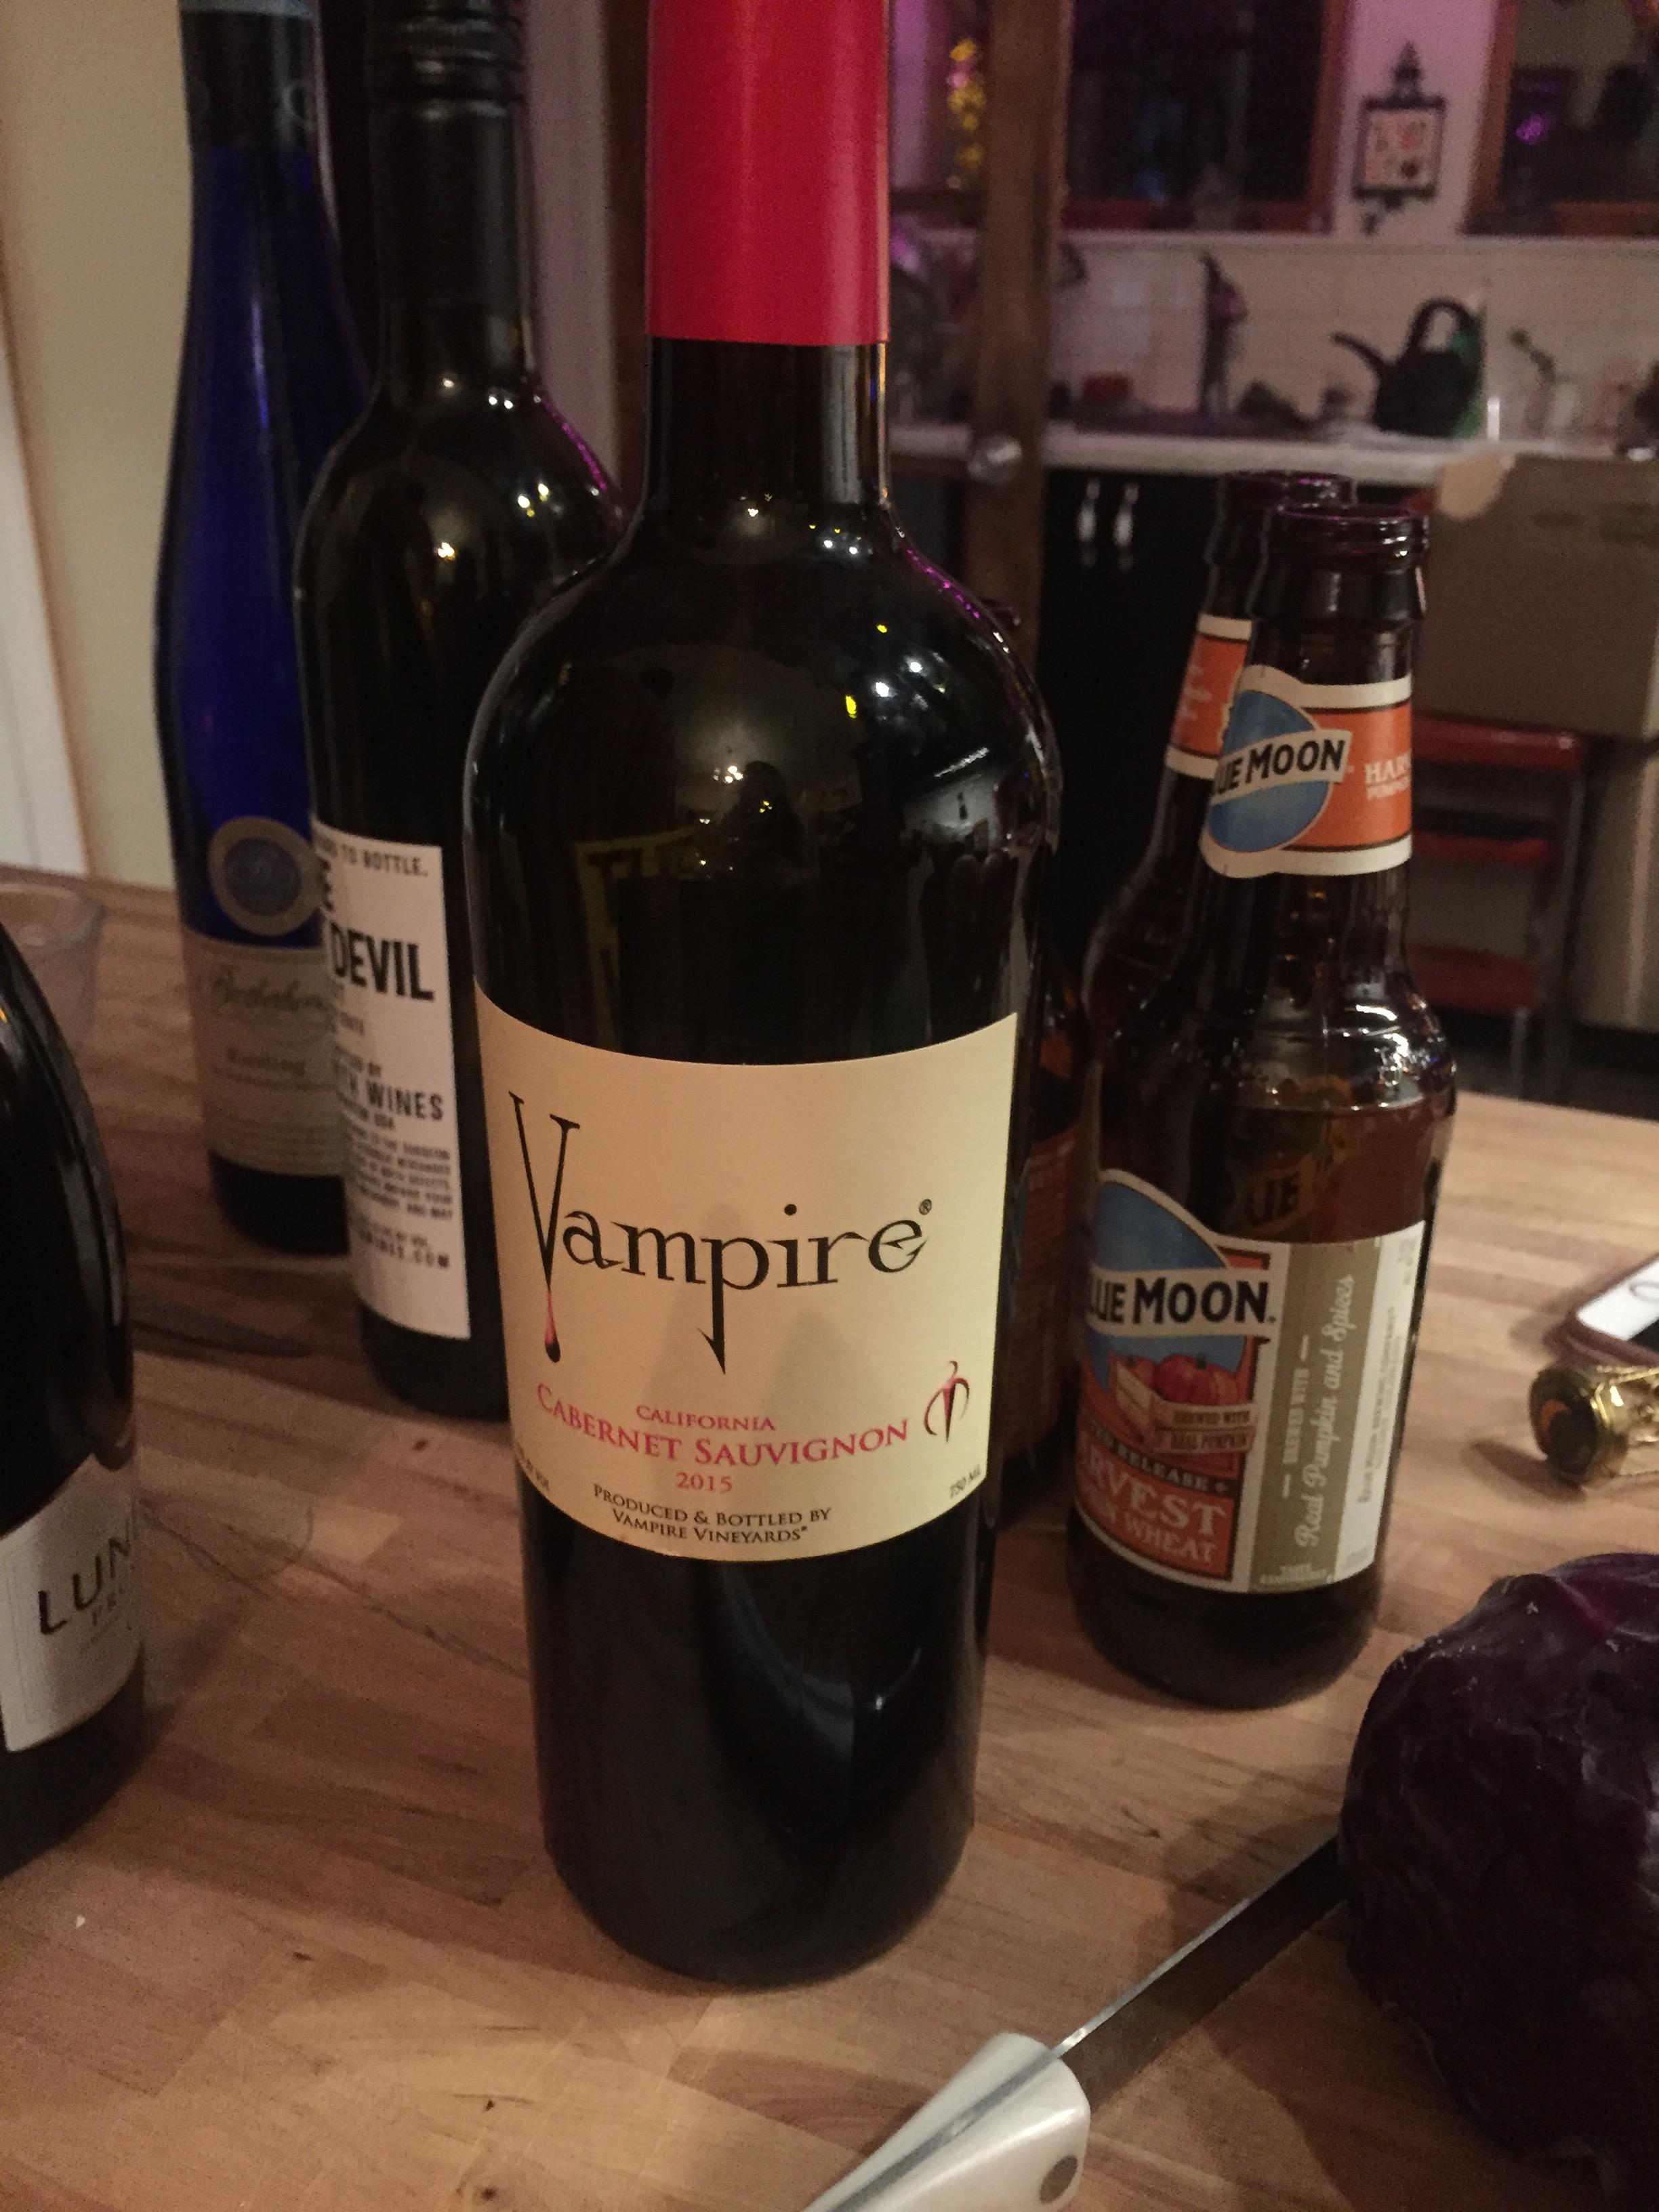 vampire wine.JPG